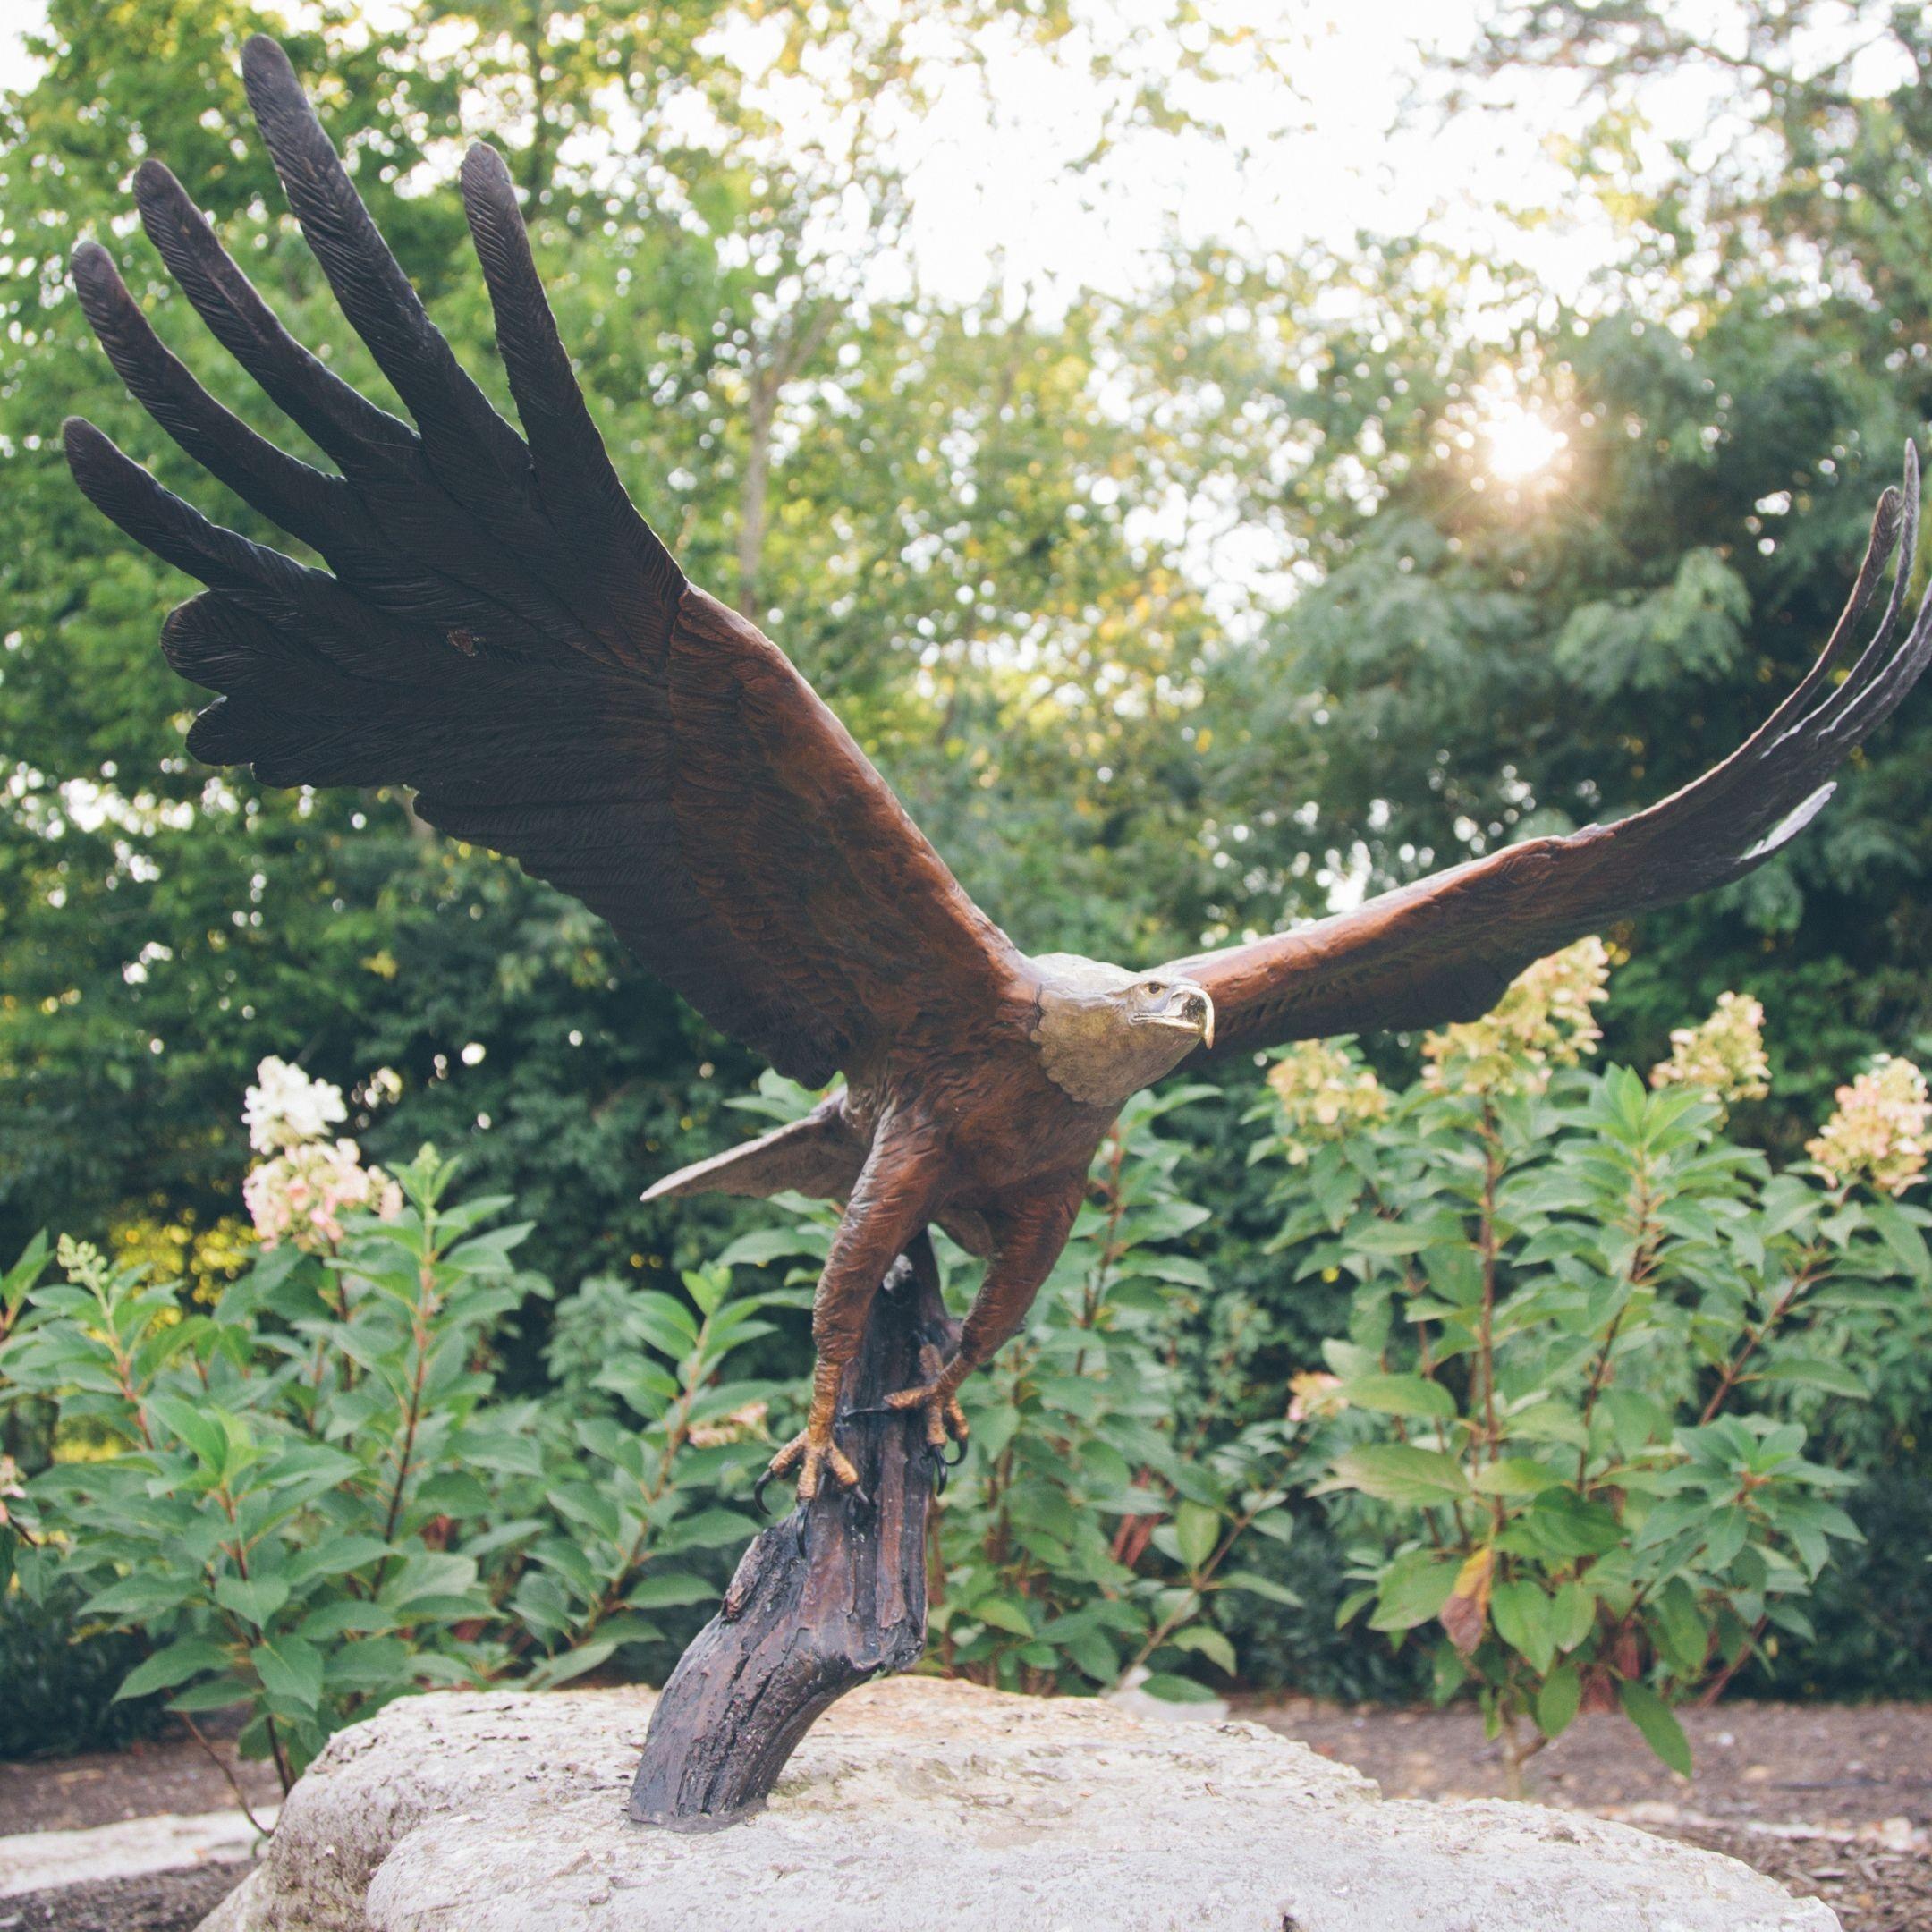 48 Days Eagles for Entrepreneurs